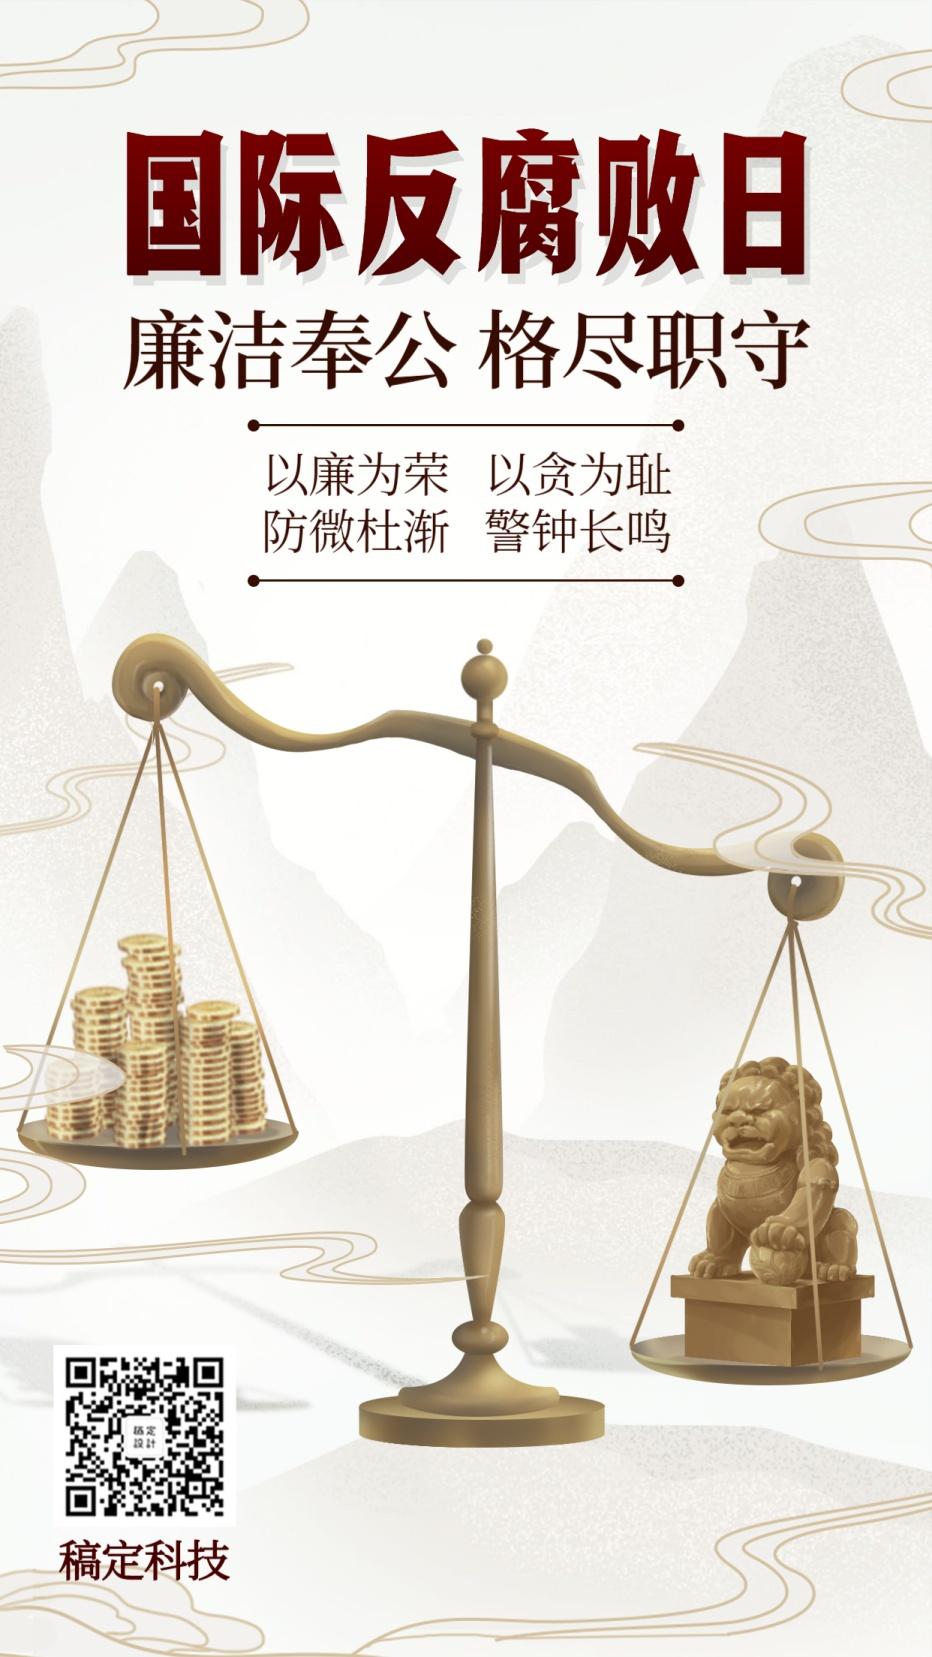 国际反腐败日反腐倡廉党政手绘创意手机海报